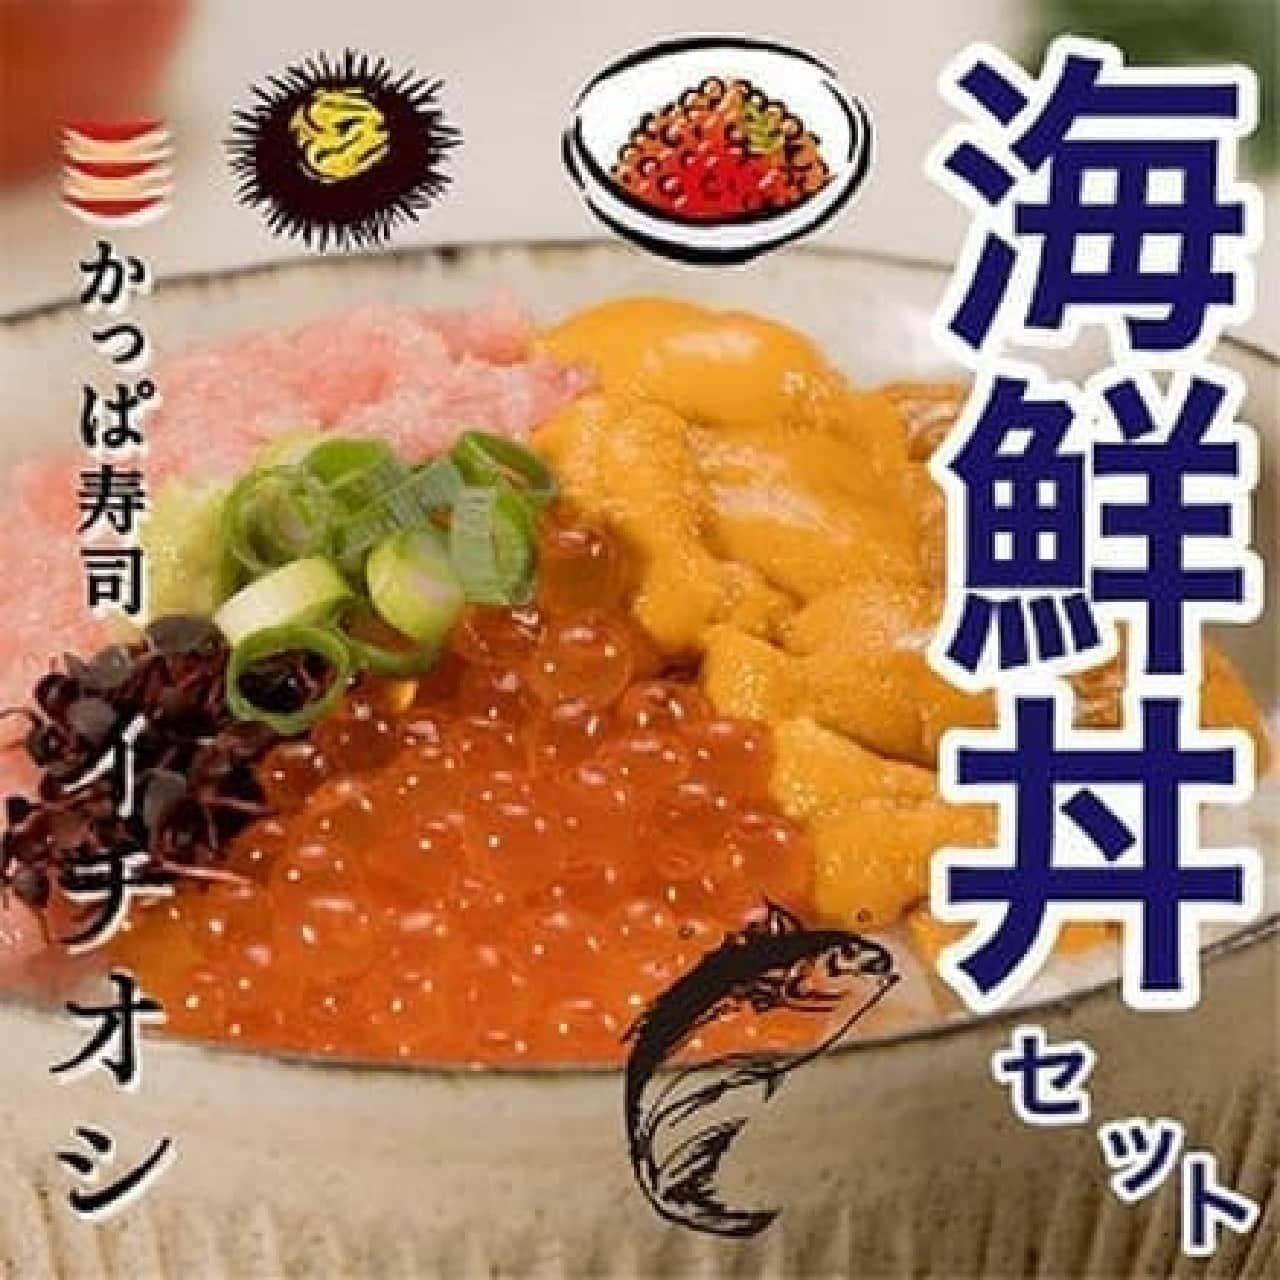 かっぱ寿司ネットショップ「うまいもん市場」の「海鮮丼セット」